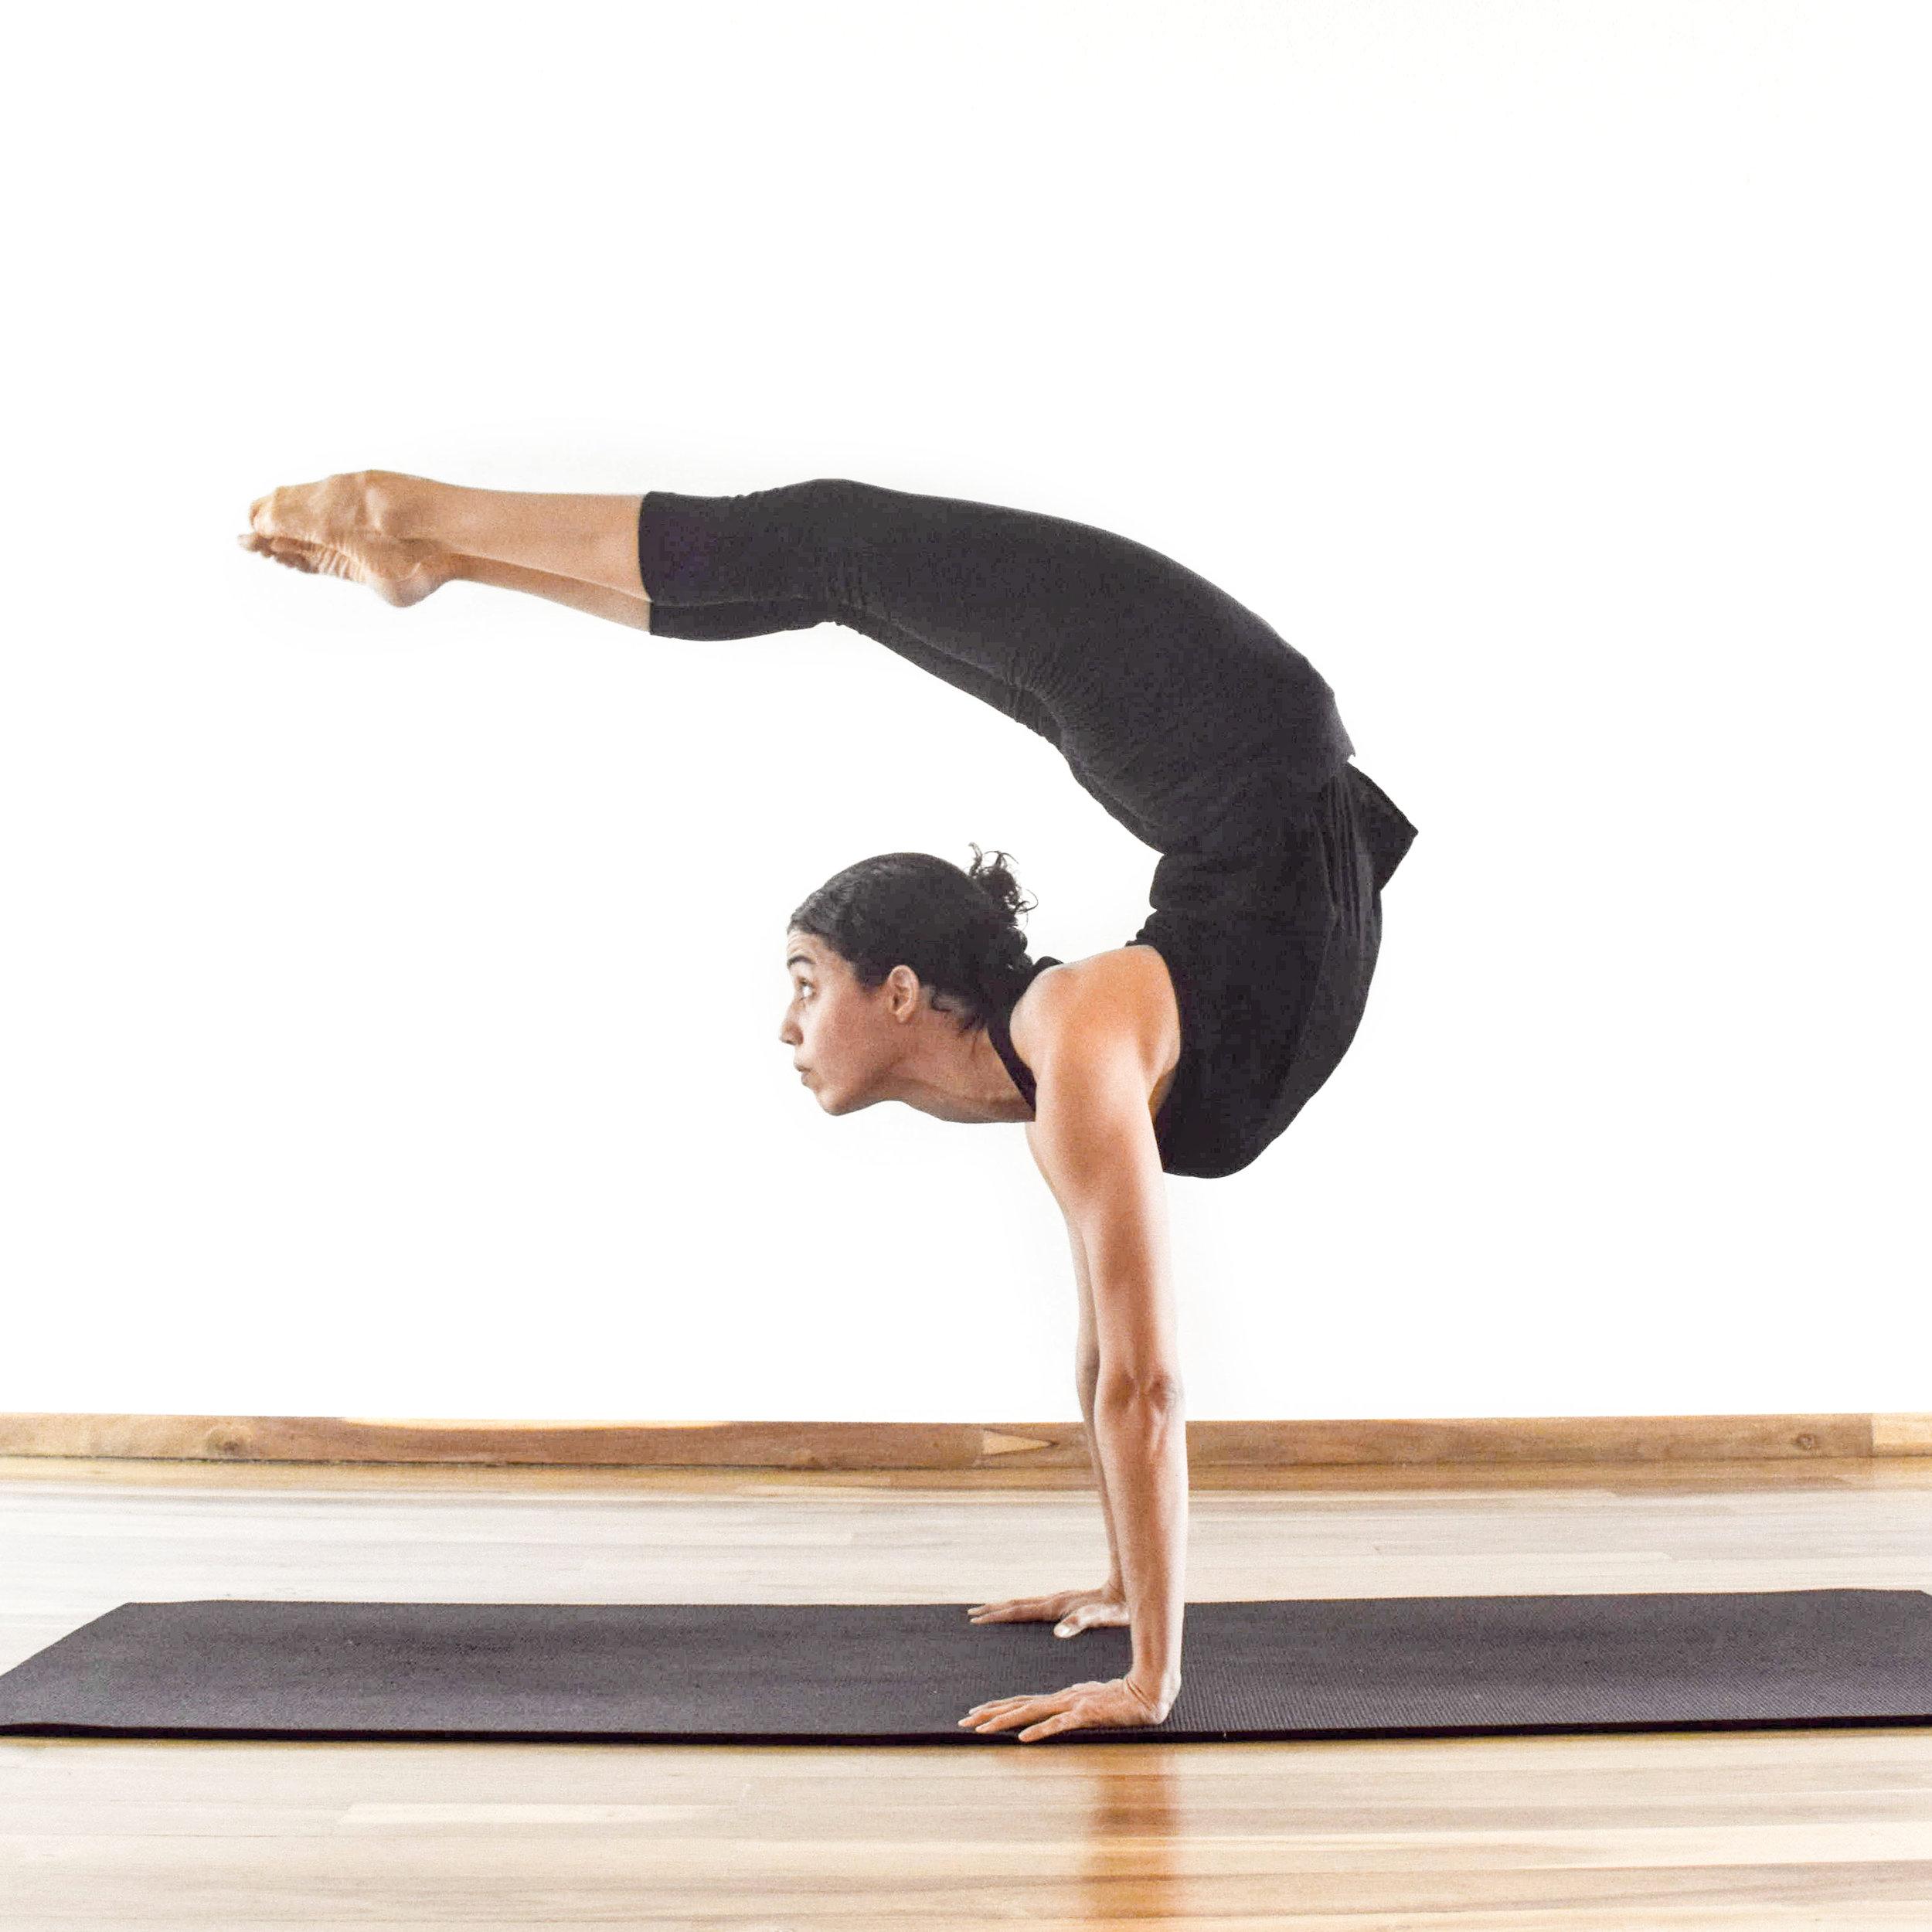 Claudia Peña   Inicia con la danza clásica,formando parte del Ballet Nacional Dominicano.Luego de graduarse de Mercadeo y Periodismo,surge su interés en el yoga como disciplina y estilo de vida. Vivió por seis meses en la comunidad de El Arte de Vivir en Canada, certificándose como instructora de Hatha yoga. Viaja a la India para certificarse como instructora de Ashtanga-Vinyasa con los requisitos de 300 horas por el Yoga Alliance. Obtiene una segunda certificación en Hatha Yoga por el Himalayan Institute. Además de haberse formado en los métodos de Vinyasa y Hot Yoga, tras haber participado en el coaching de Yoga to the People, tiene estudios en filosofía por la organización Nueva Acrópolis y Astrología Védica.